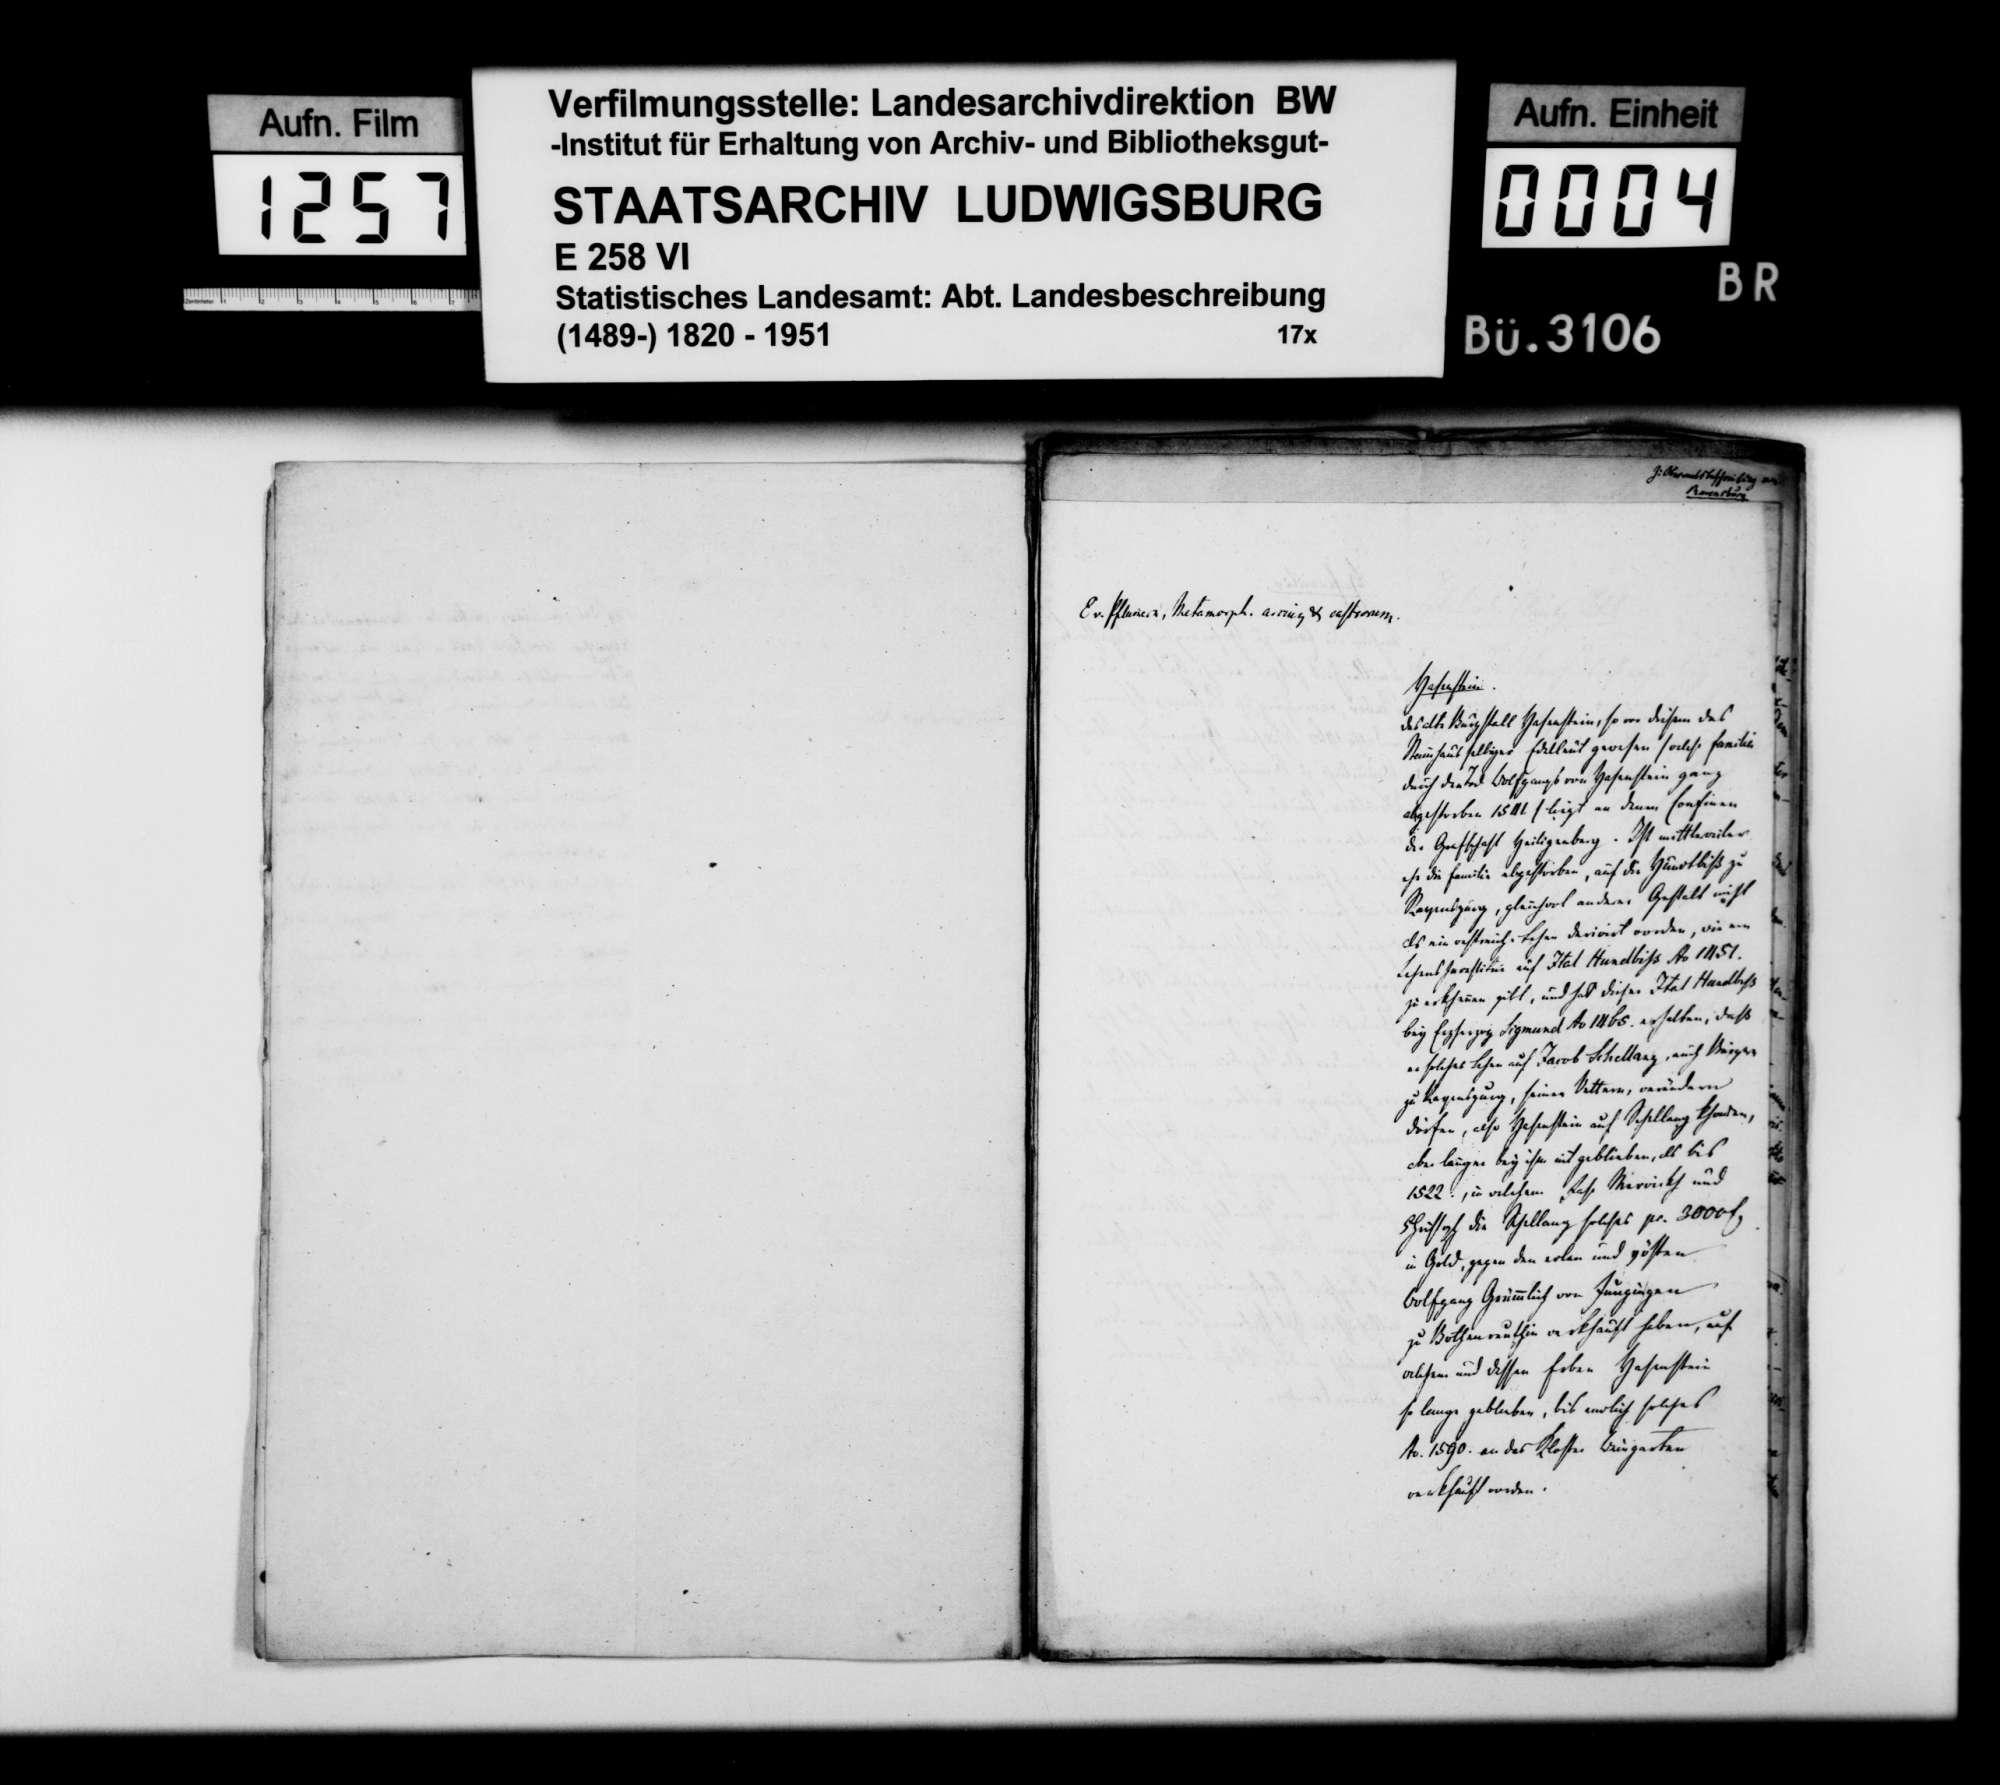 Verschiedene historiographische Notizen, Auszüge und Abschriften zur OAB, Bild 3